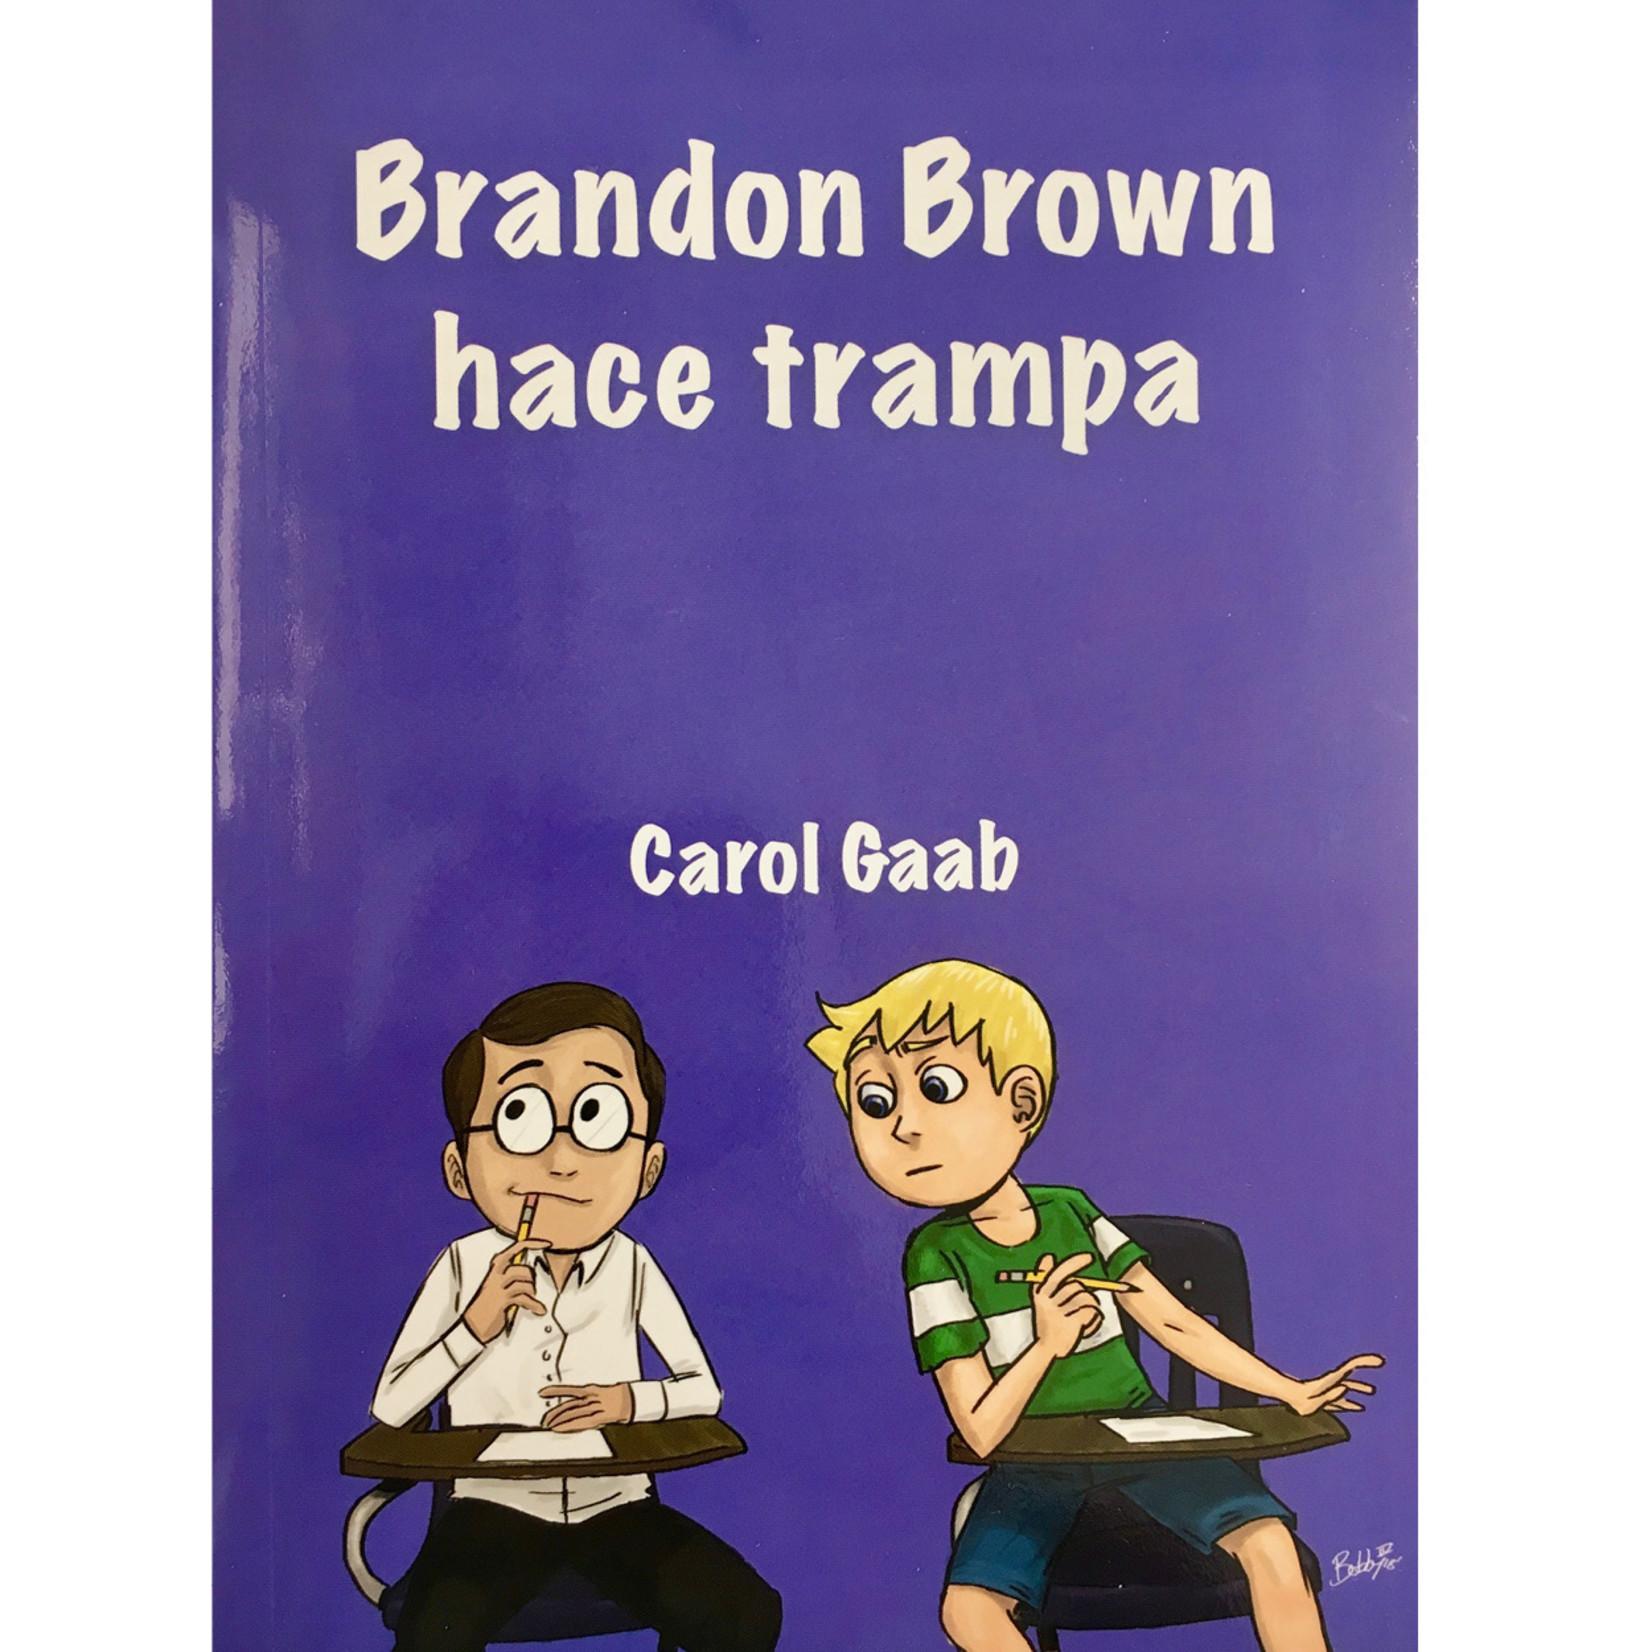 Fluency Matters Brandon Brown hace trampa